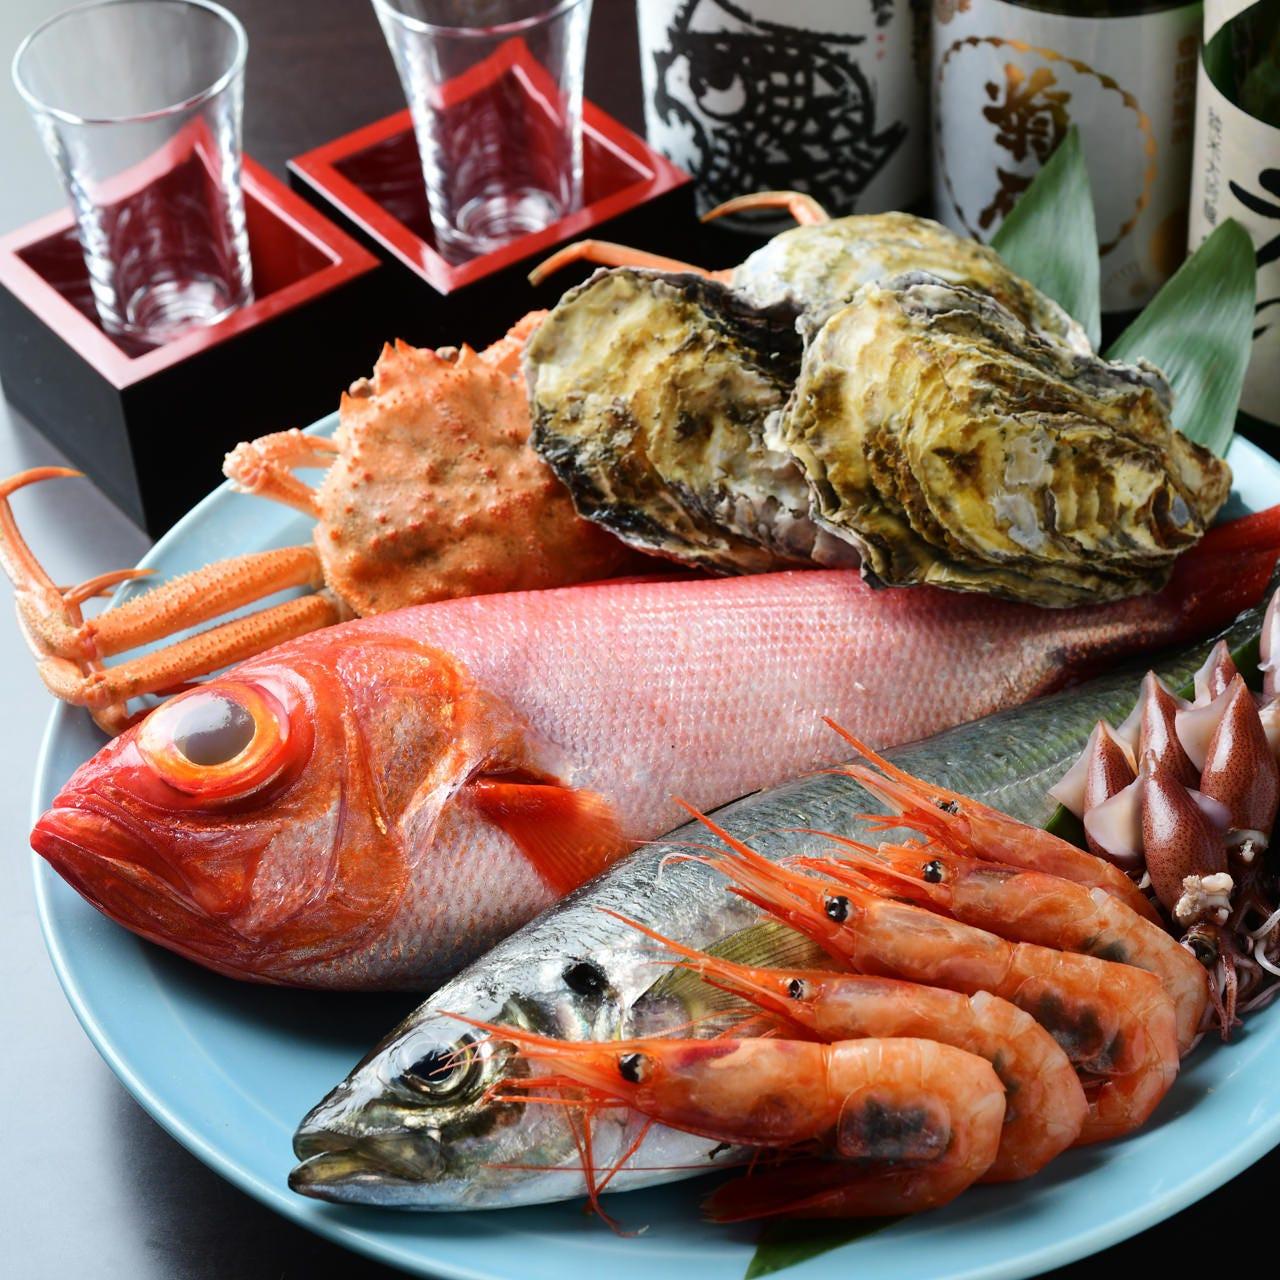 お昼から楽しむ職人の寿司や和の逸品